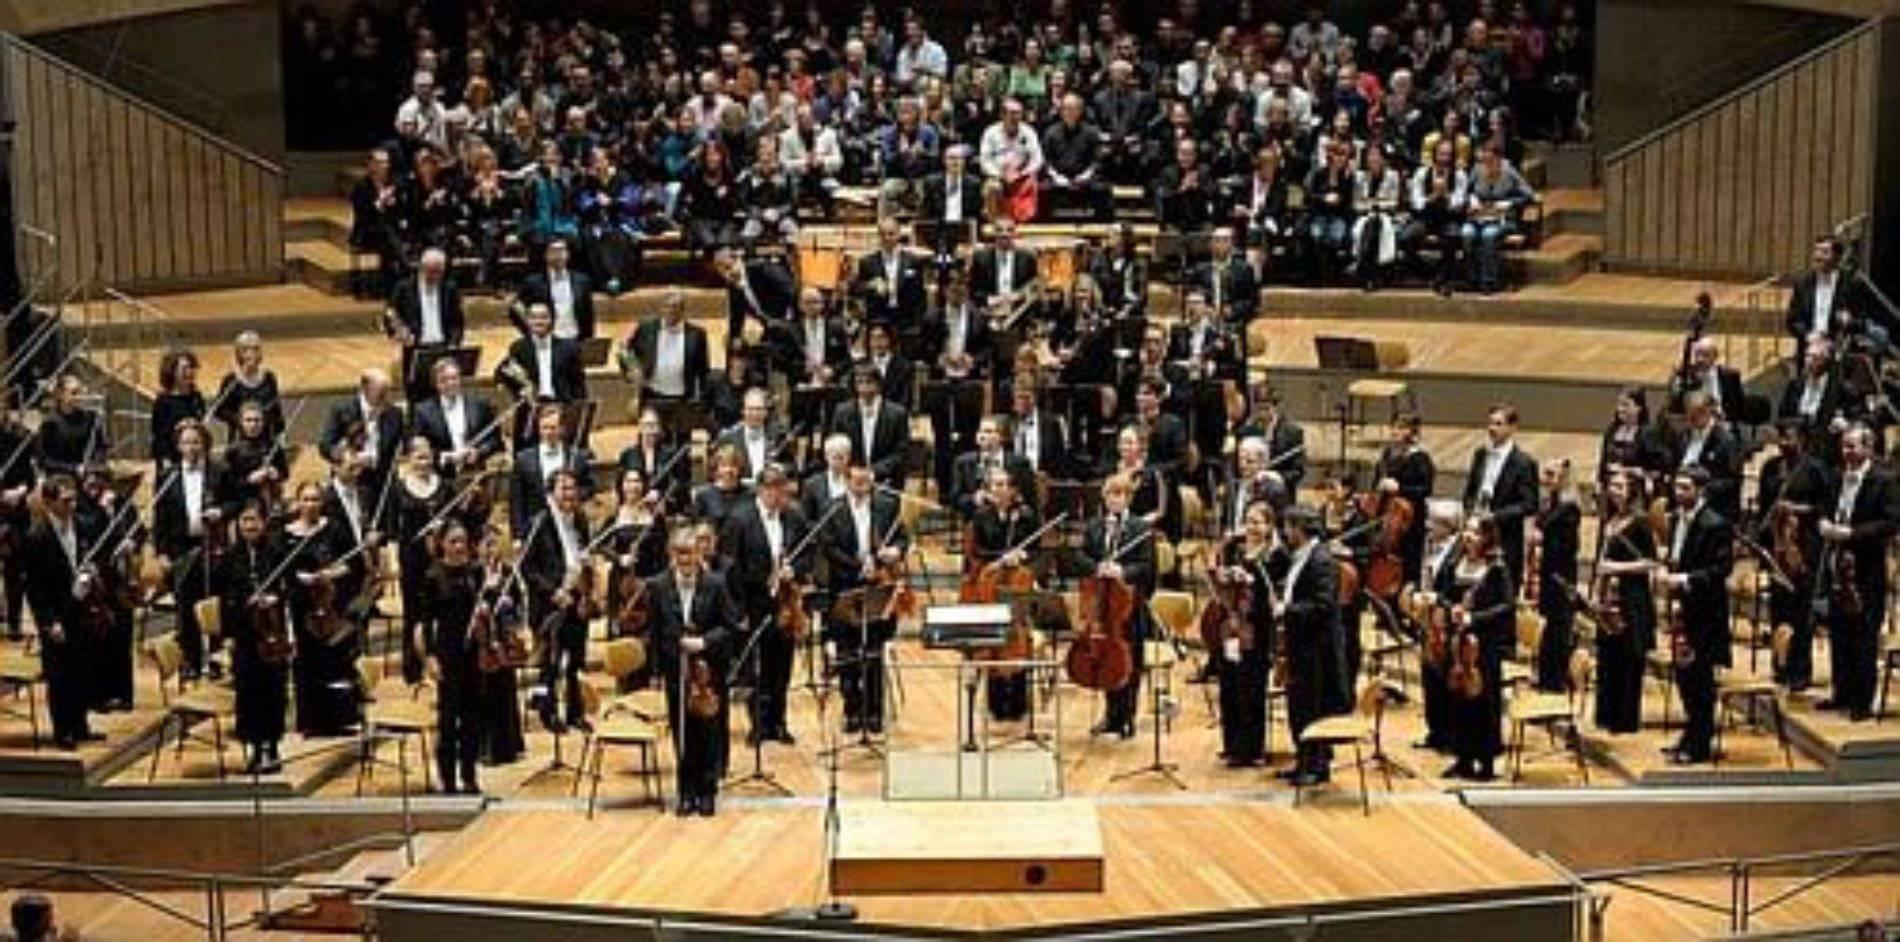 Sinfónica Alemana ofrece concierto binacional en protesta al muro de Trump